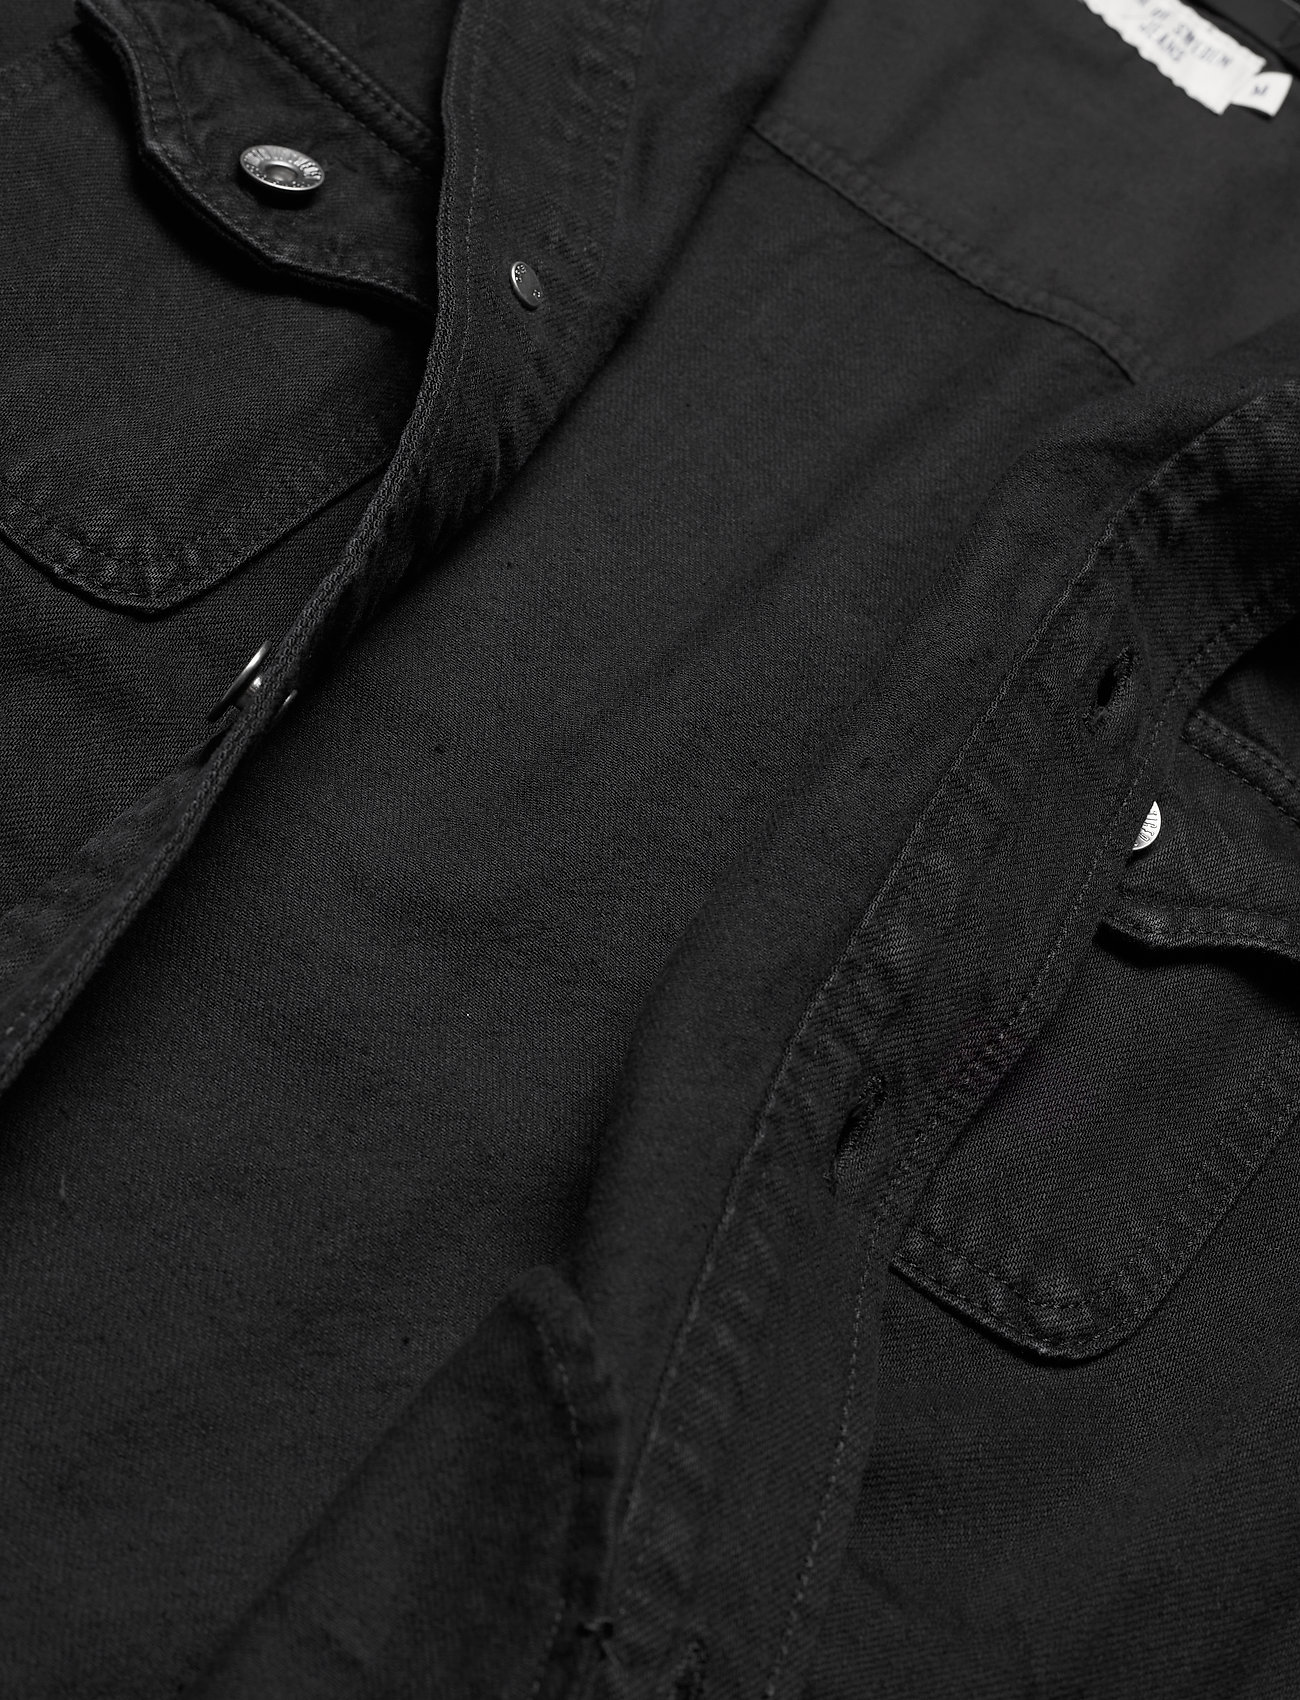 Get (Black) (159 €) - Tiger of Sweden Jeans 2qbj9